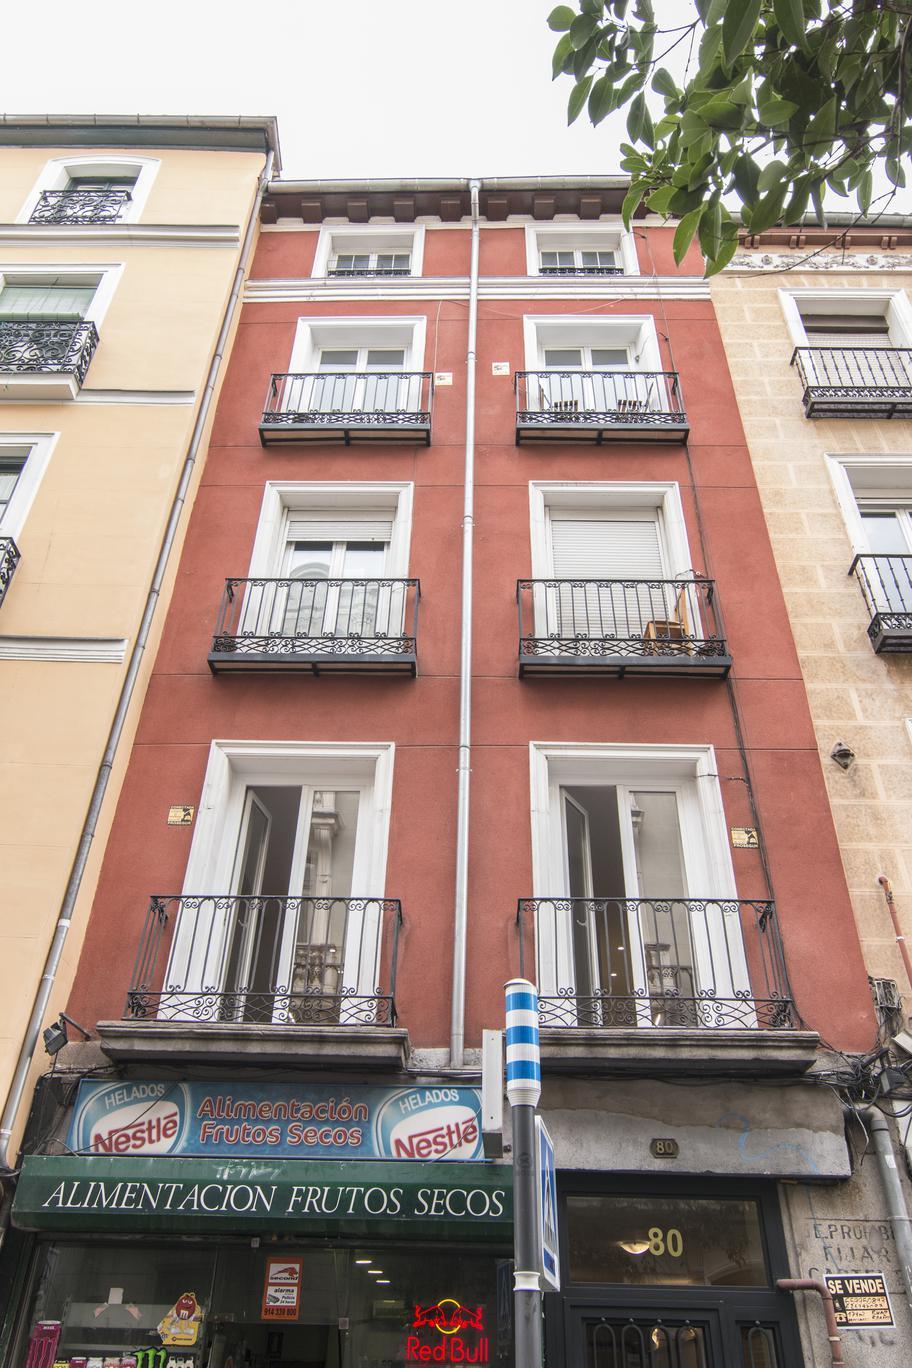 227533 - Calle Hortaleza con Calle Farmacia